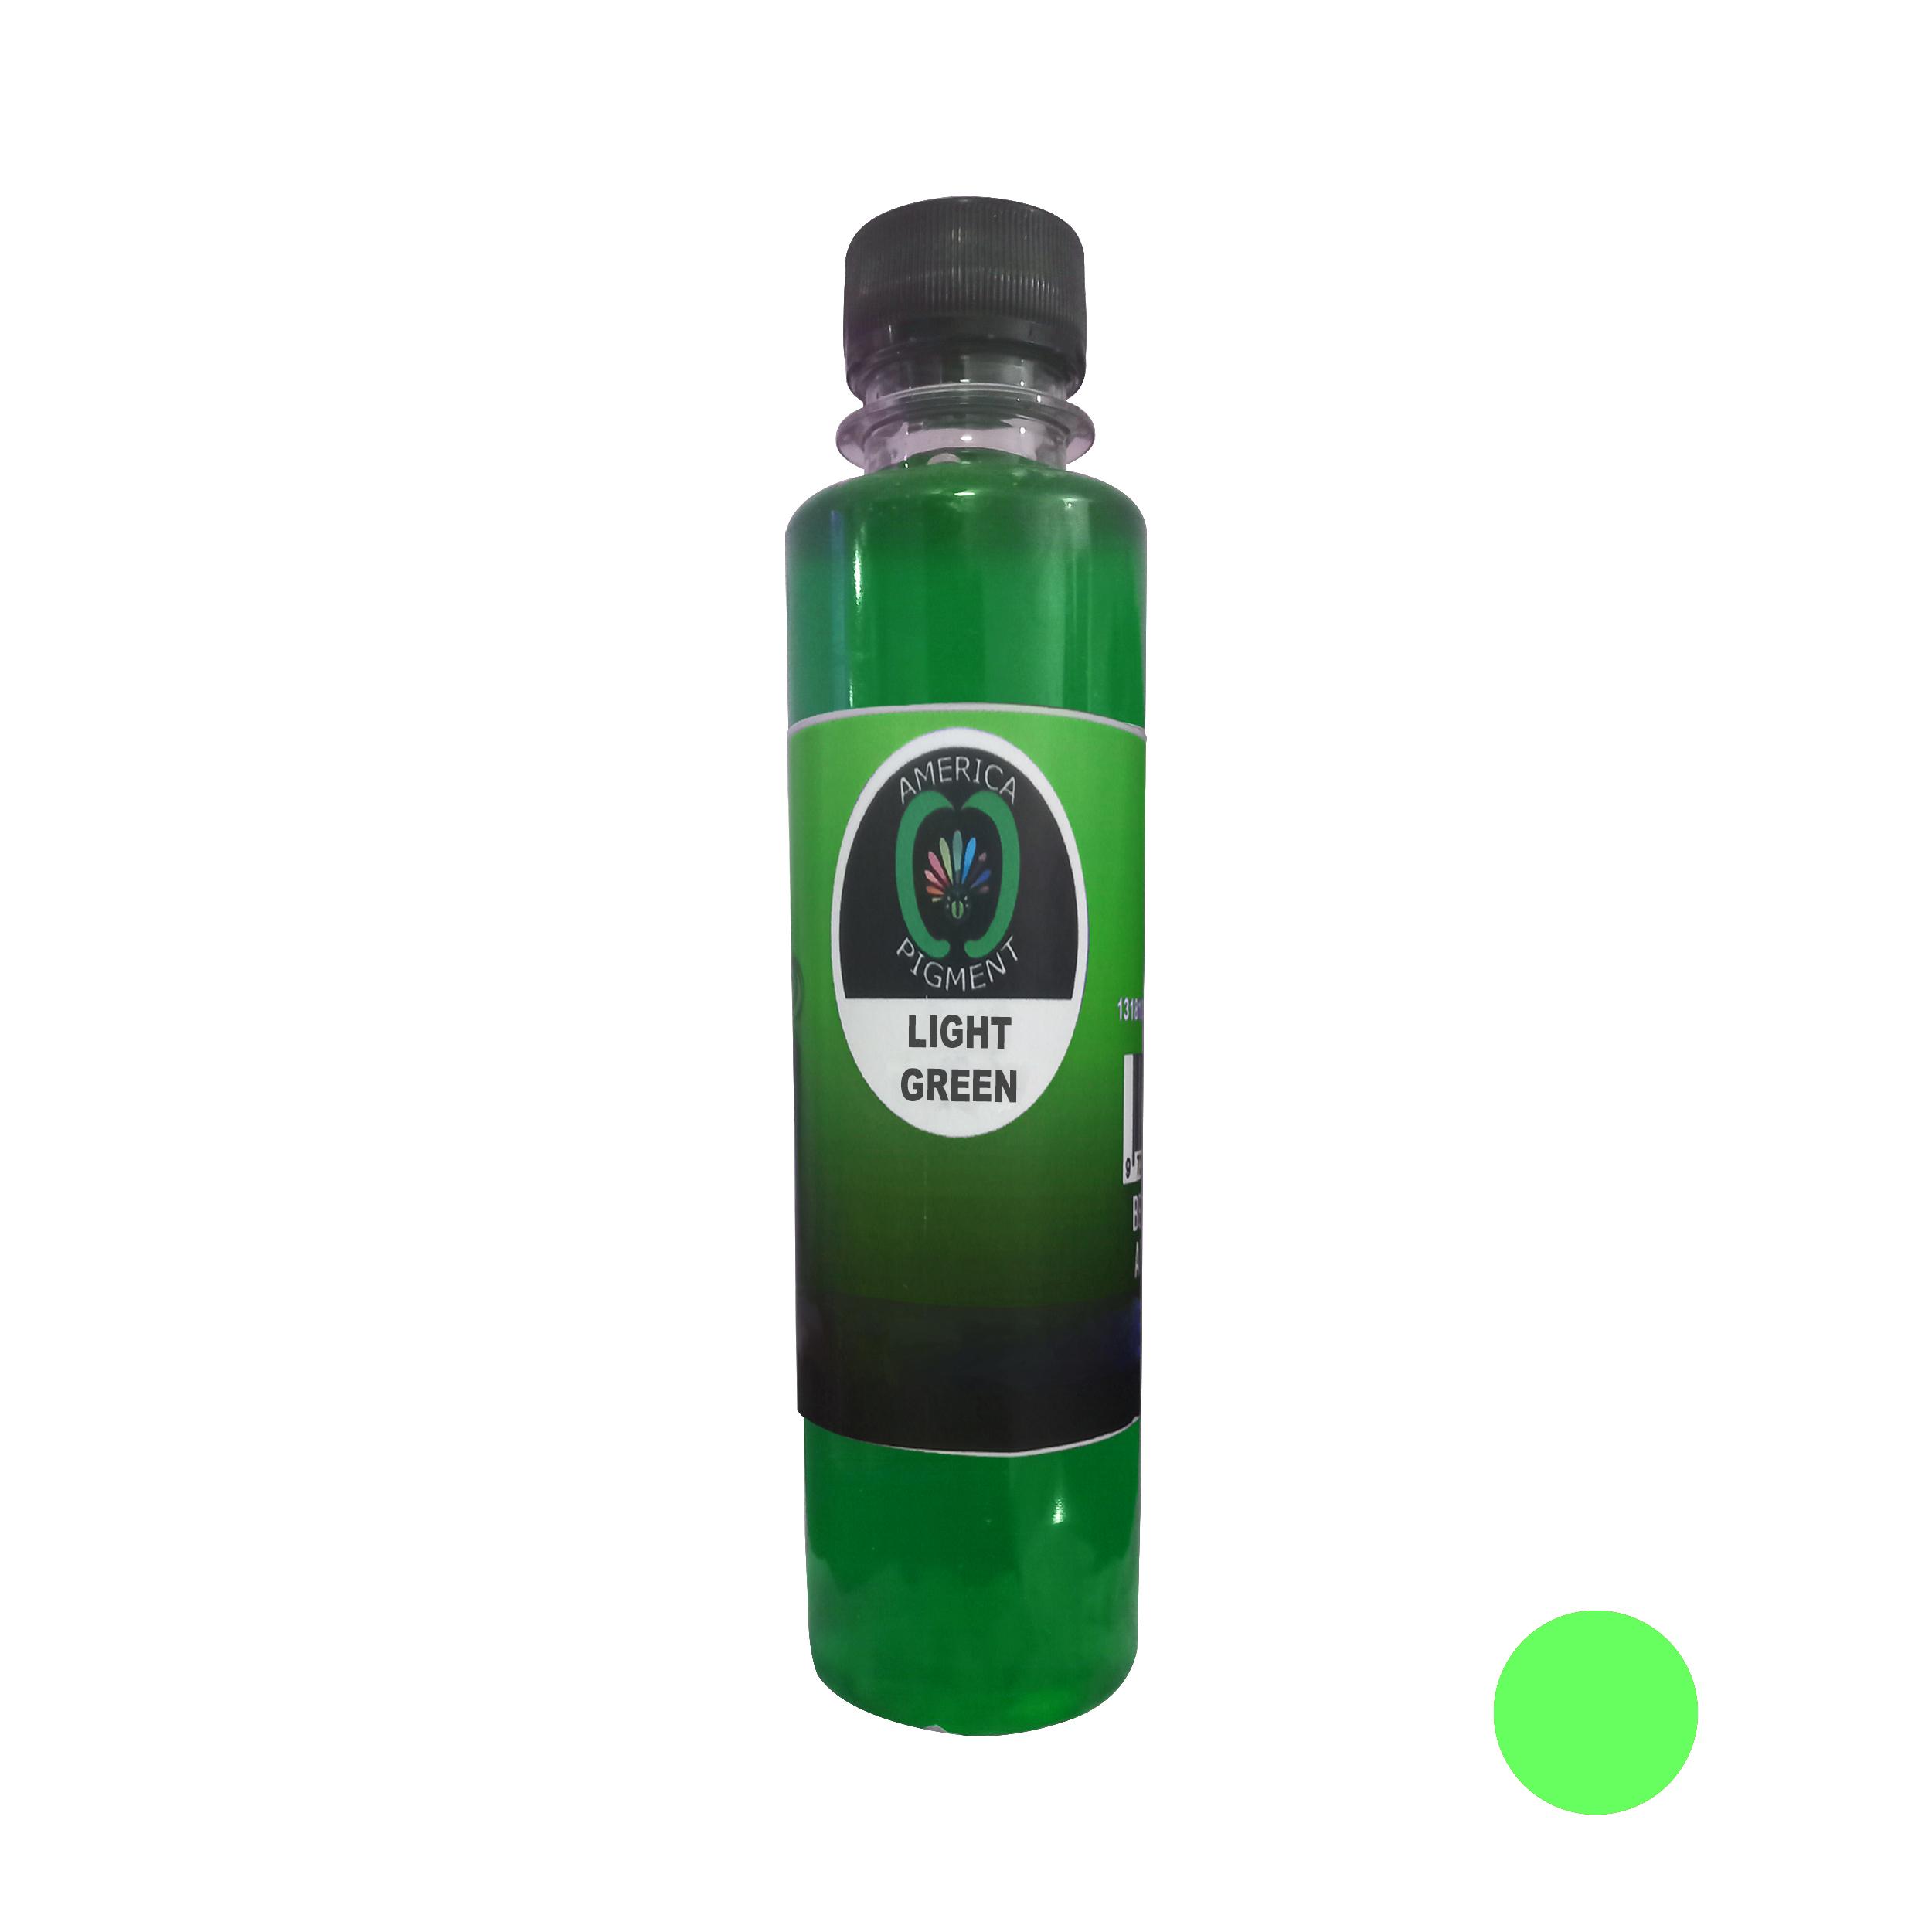 لیکویید رنگ مو آمریکاپیگمنت شماره 006 حجم 250 میلی لیتر رنگ سبز